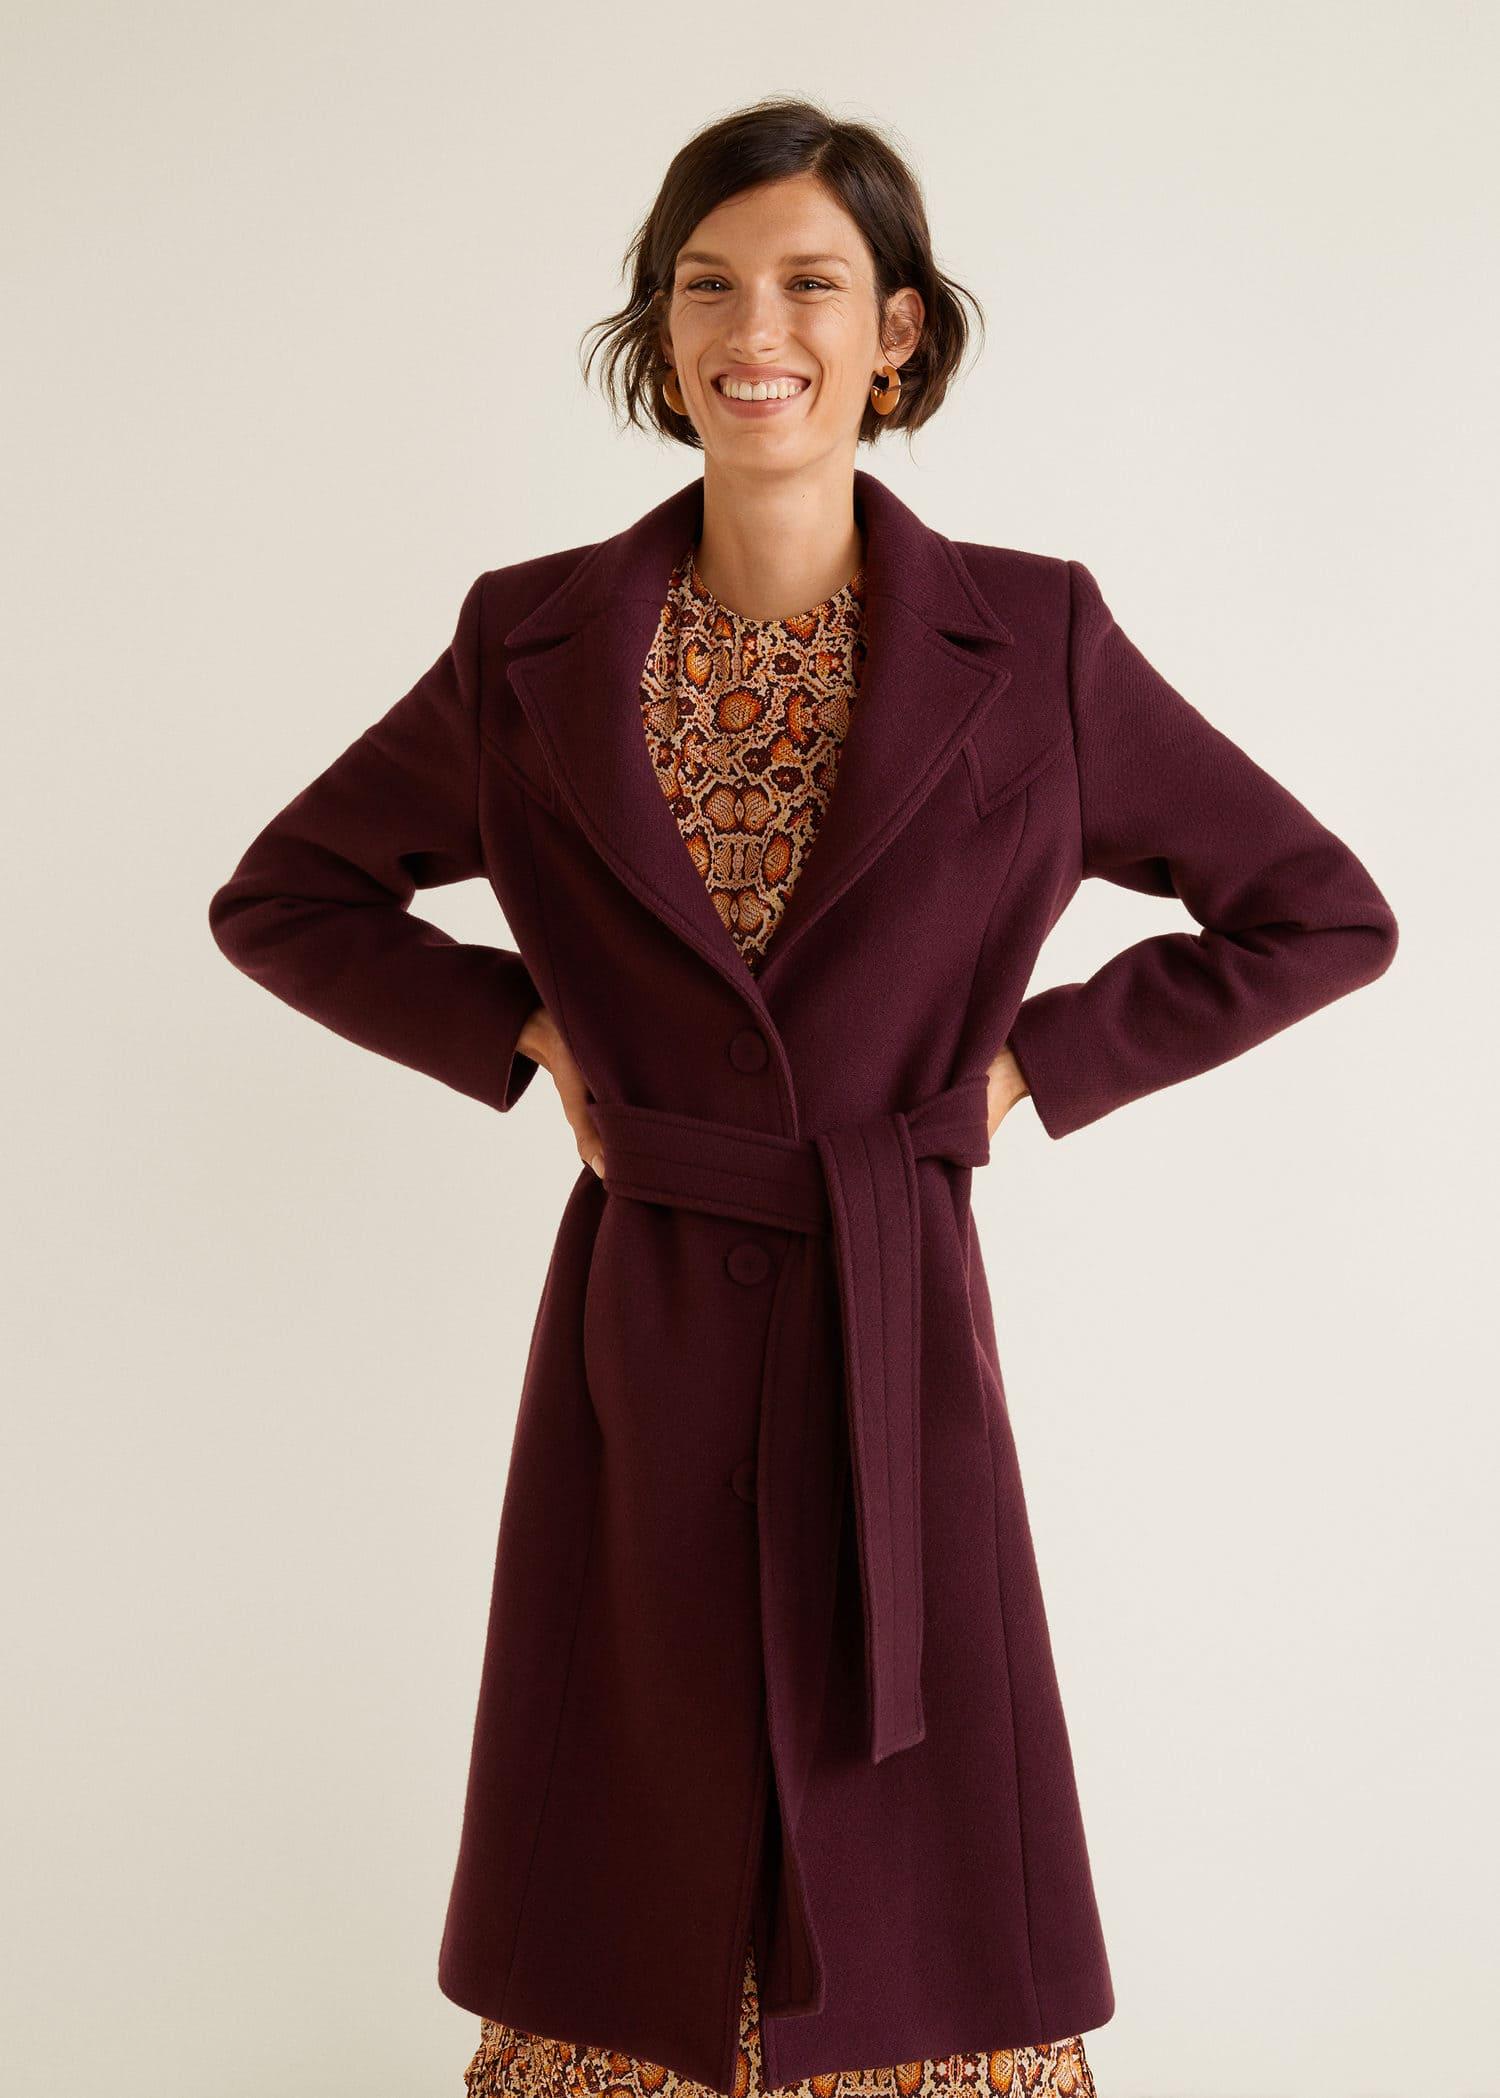 variedad de diseños y colores ventas calientes descuento más bajo Abrigo lana estructurado - Abrigos de Mujer | OUTLET España